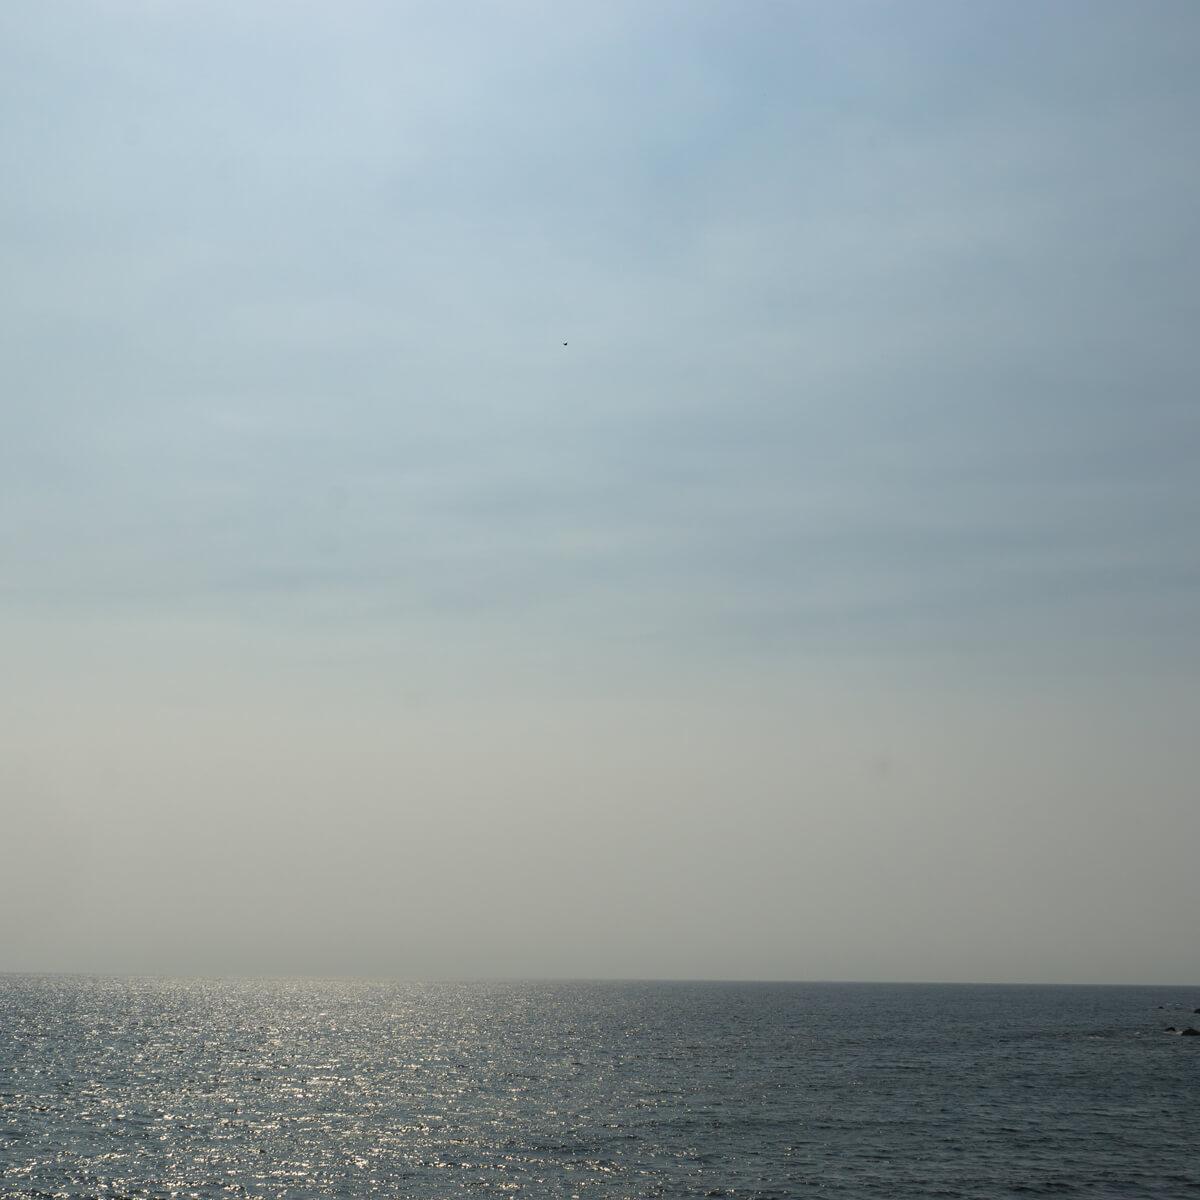 屋久島の海、空 オーダーメイドマリッジリングのモチーフ 屋久島海とジュエリー